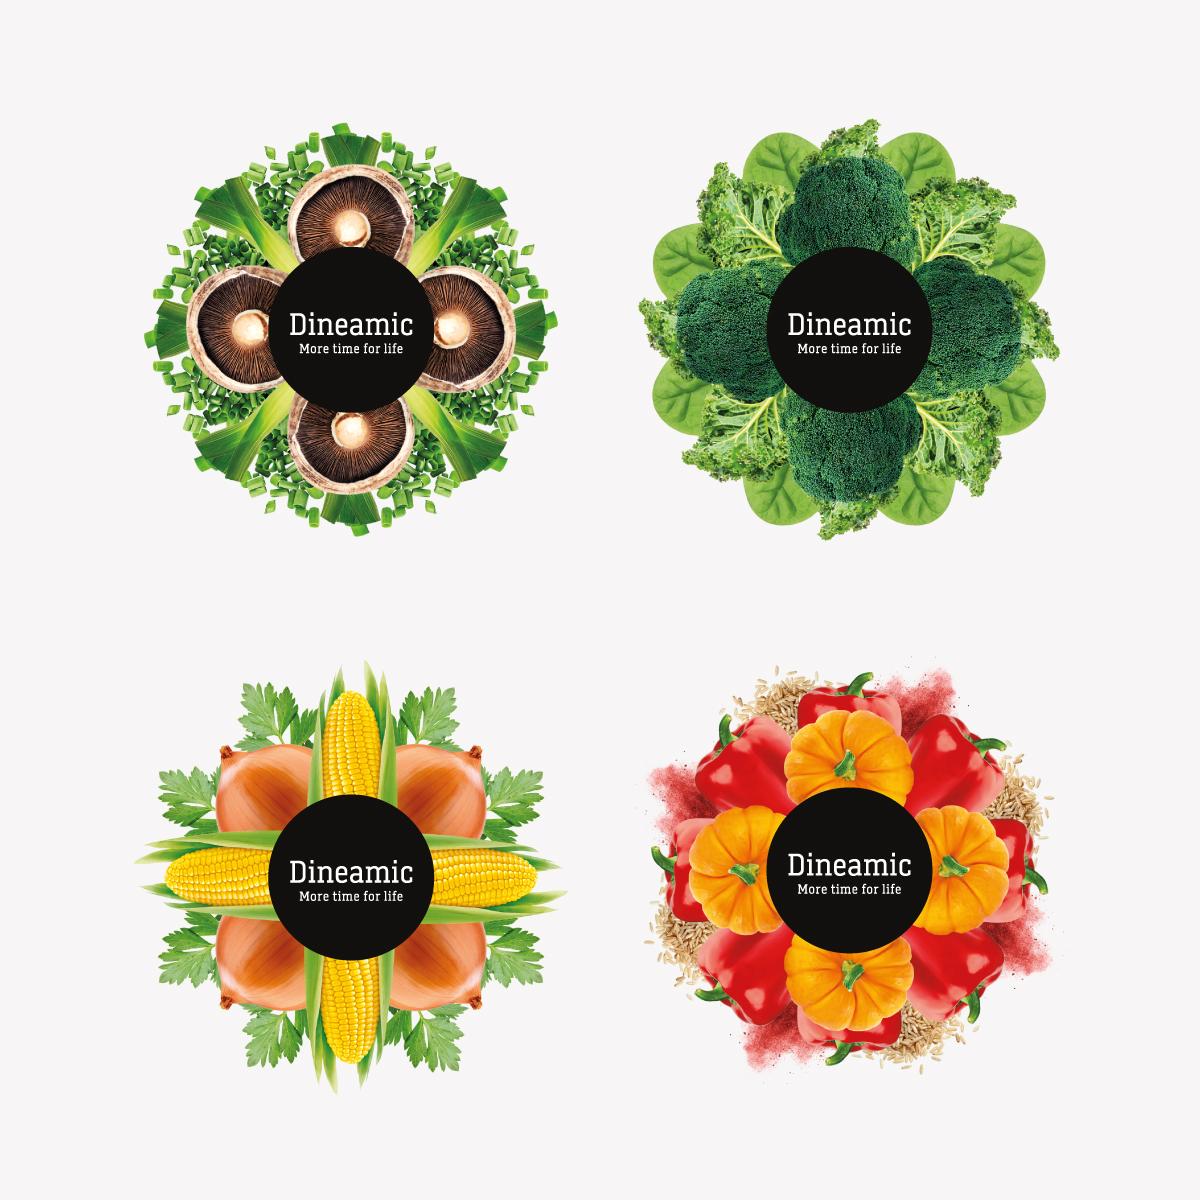 Davidson Branding FMCG Dineamic Packaging Visual Language Kaleidoscope Graphic Range